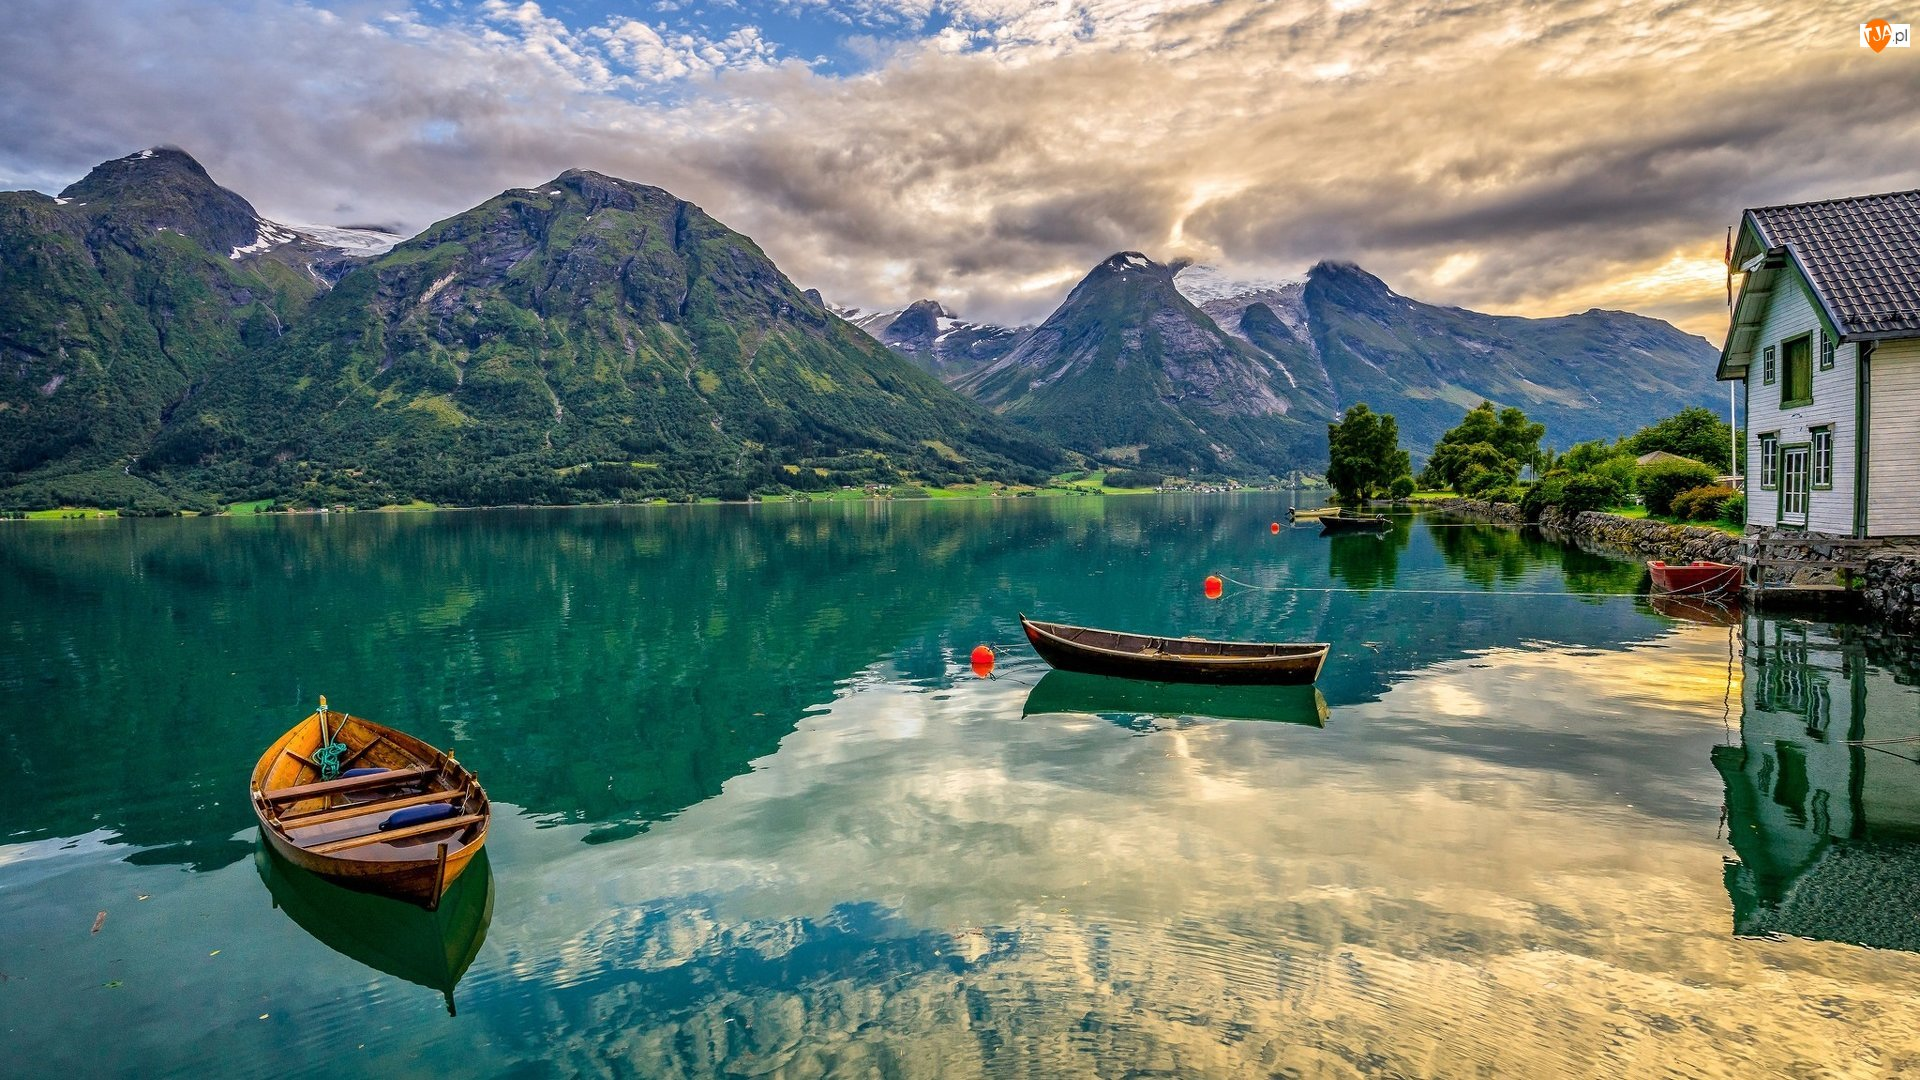 Dom, Łódki, Góry, Norwegia, Drzewa, Jezioro Oppstrynsvatn, Chmury